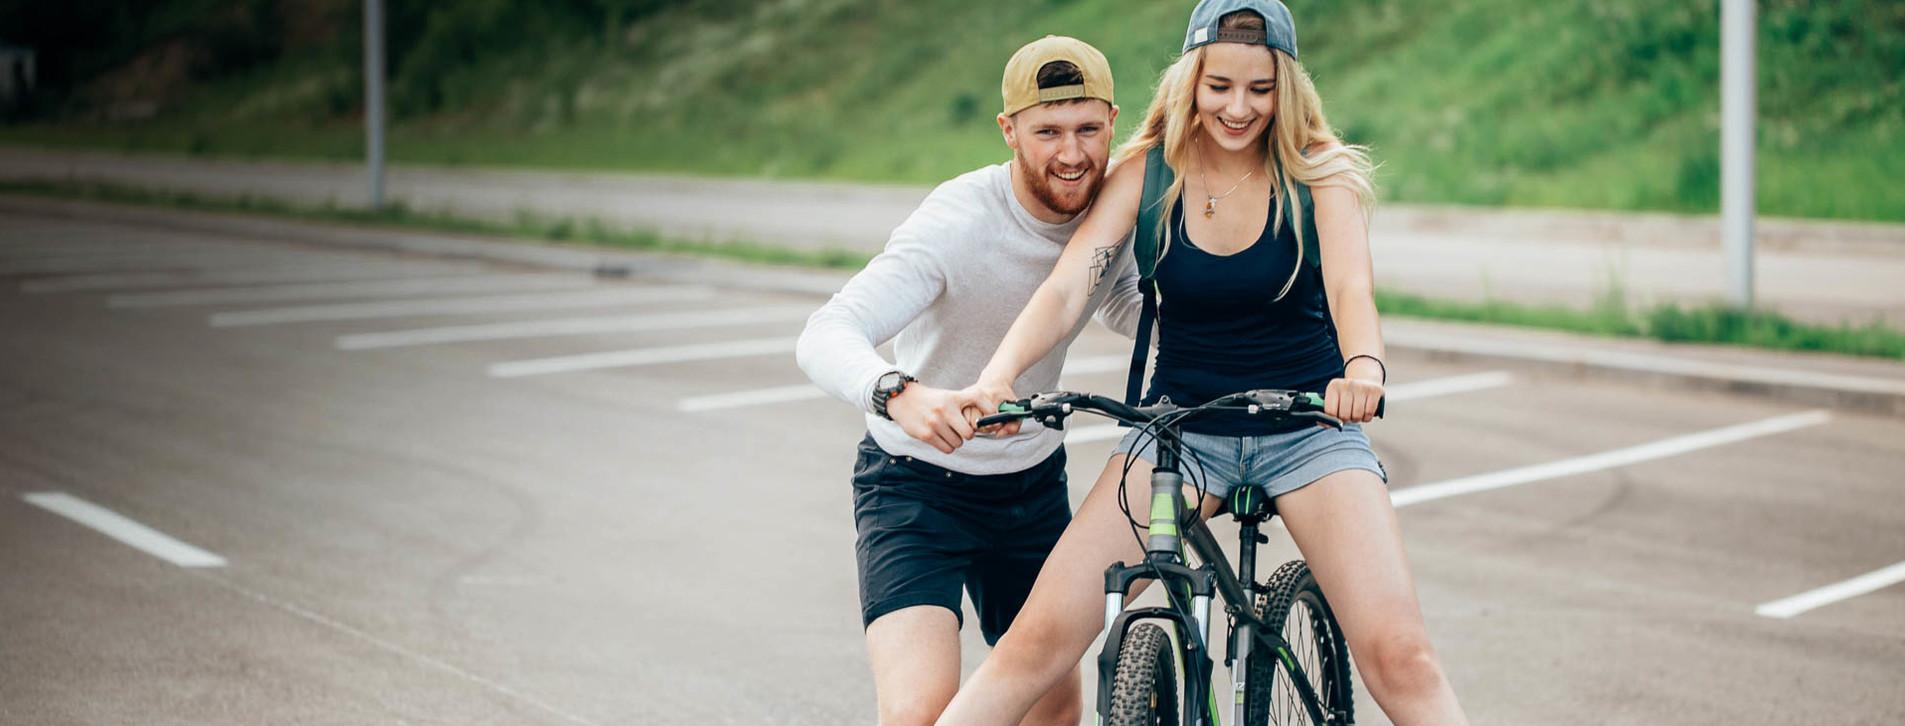 Фото - Велошкола для початківців